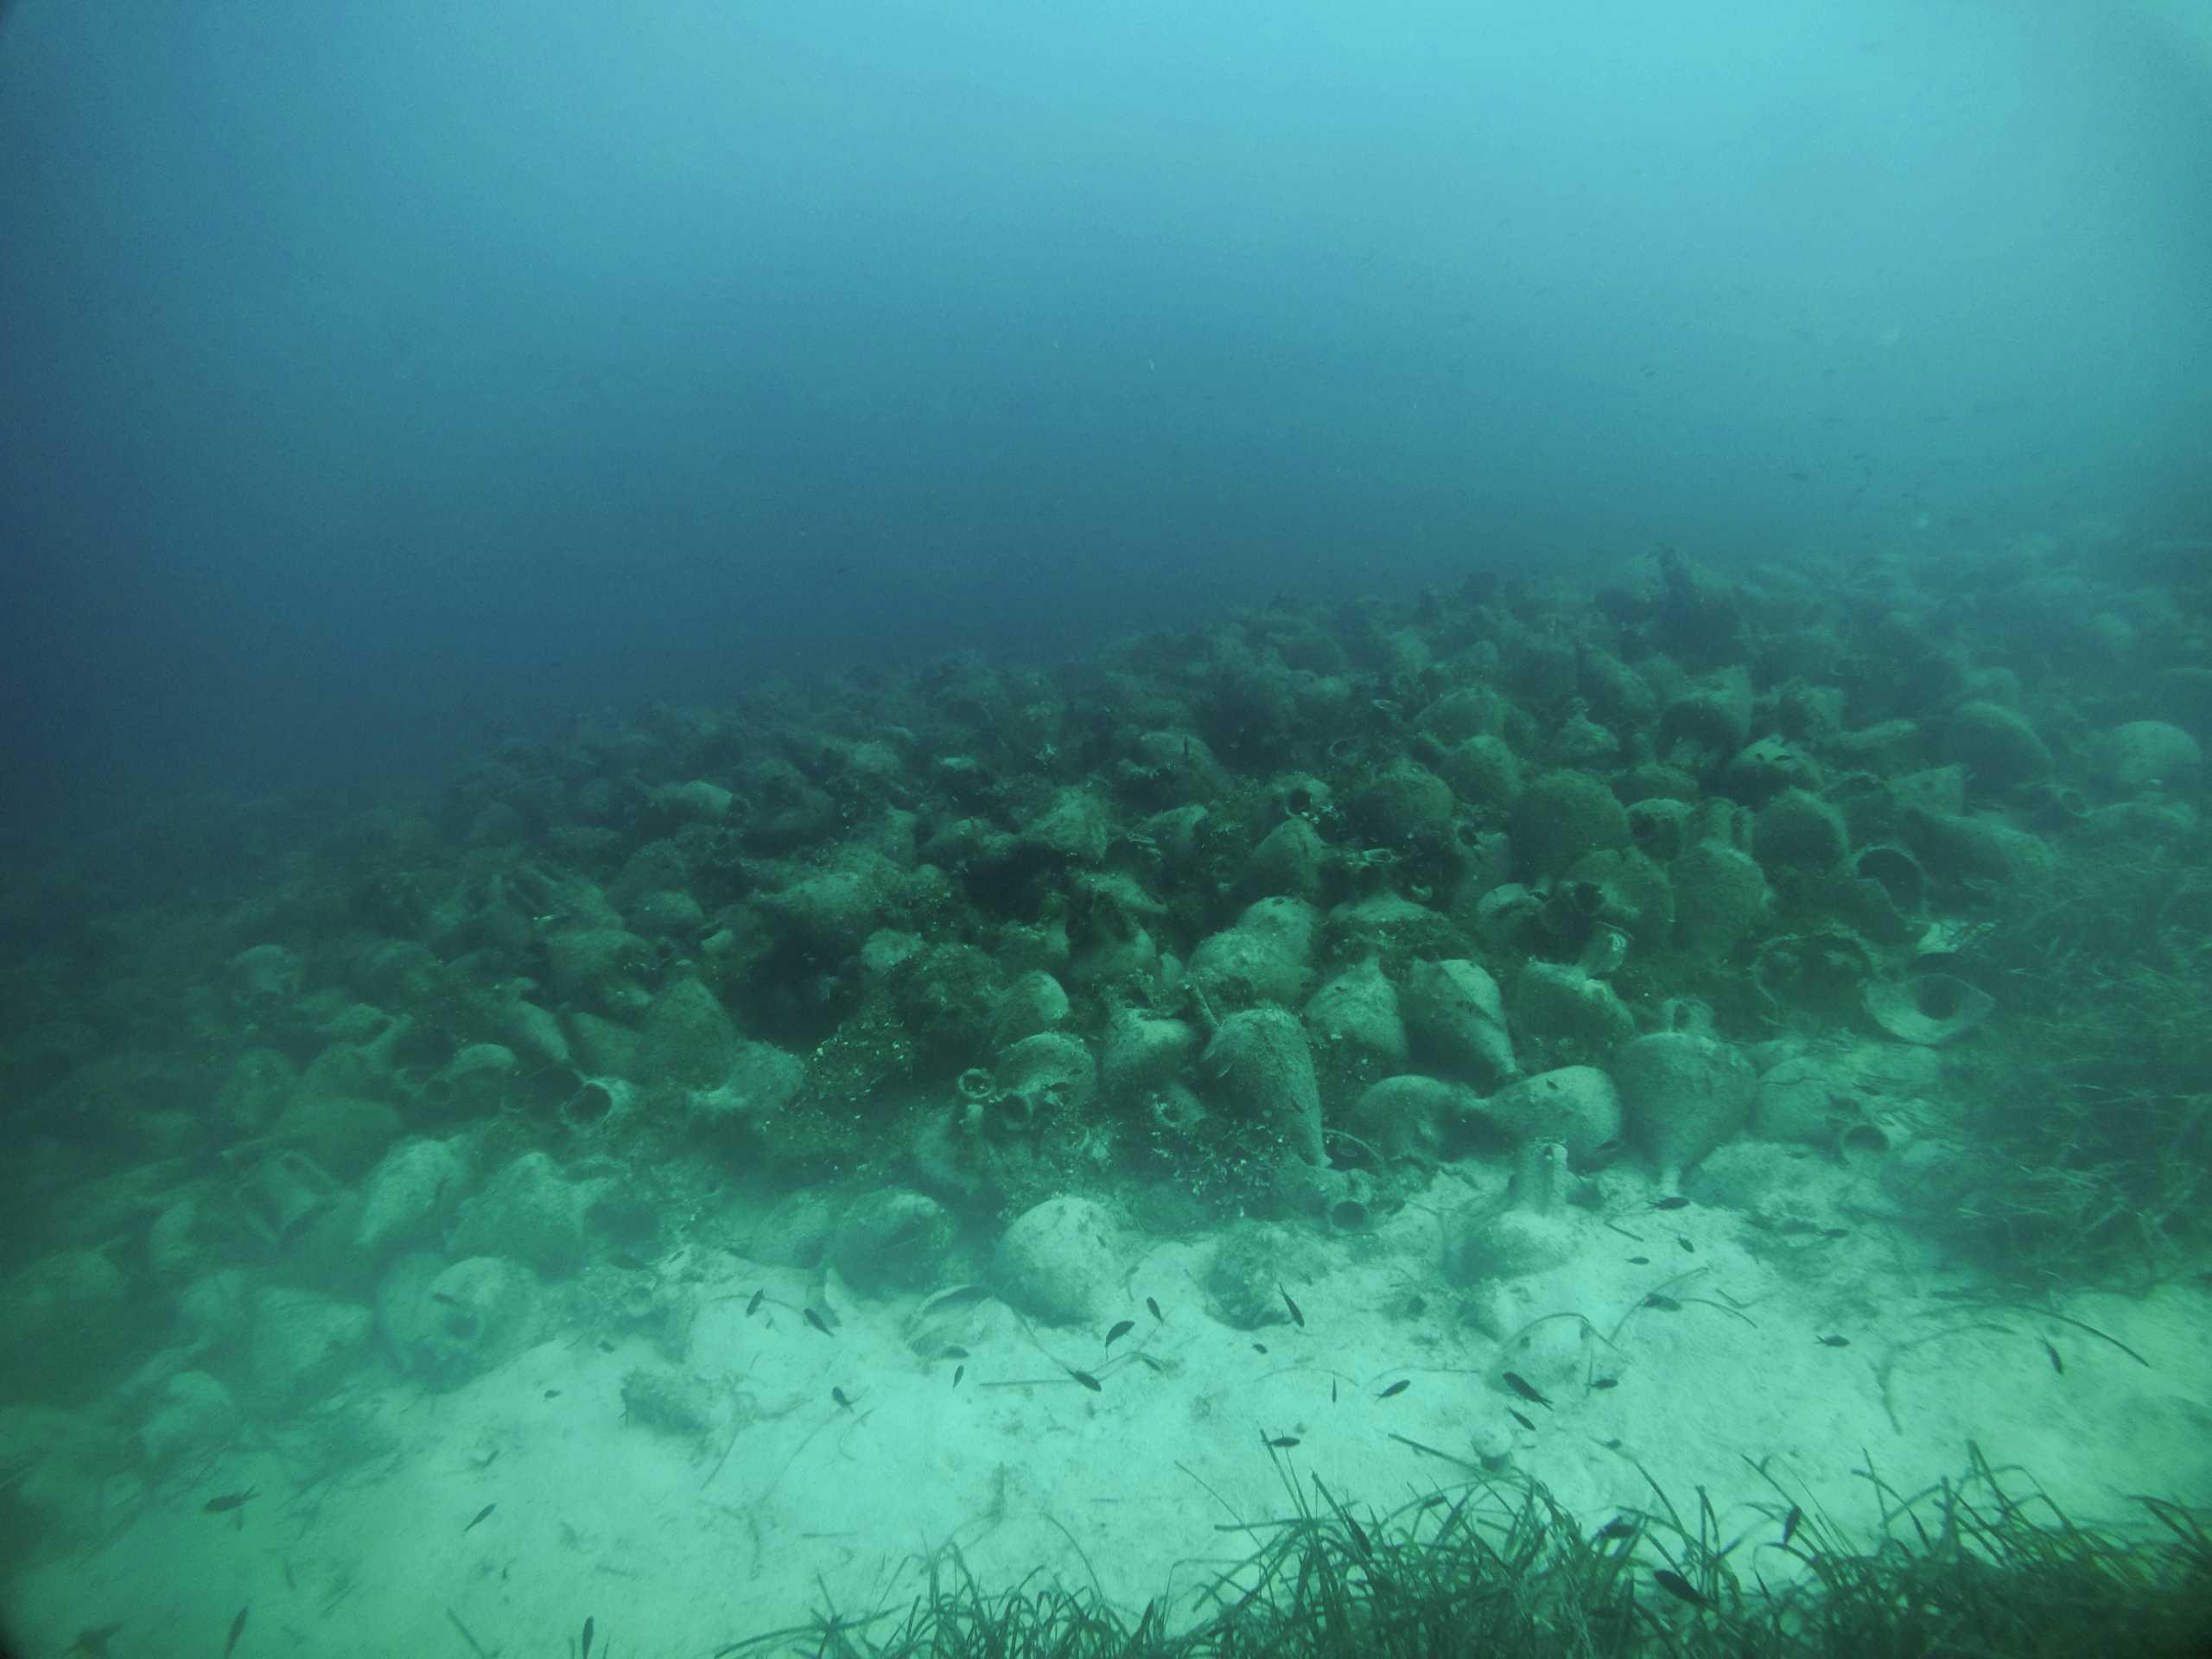 Αλόννησος: Ανοίγει αύριο το πρώτο υποβρύχιο μουσείο στην Ελλάδα (pics, video)